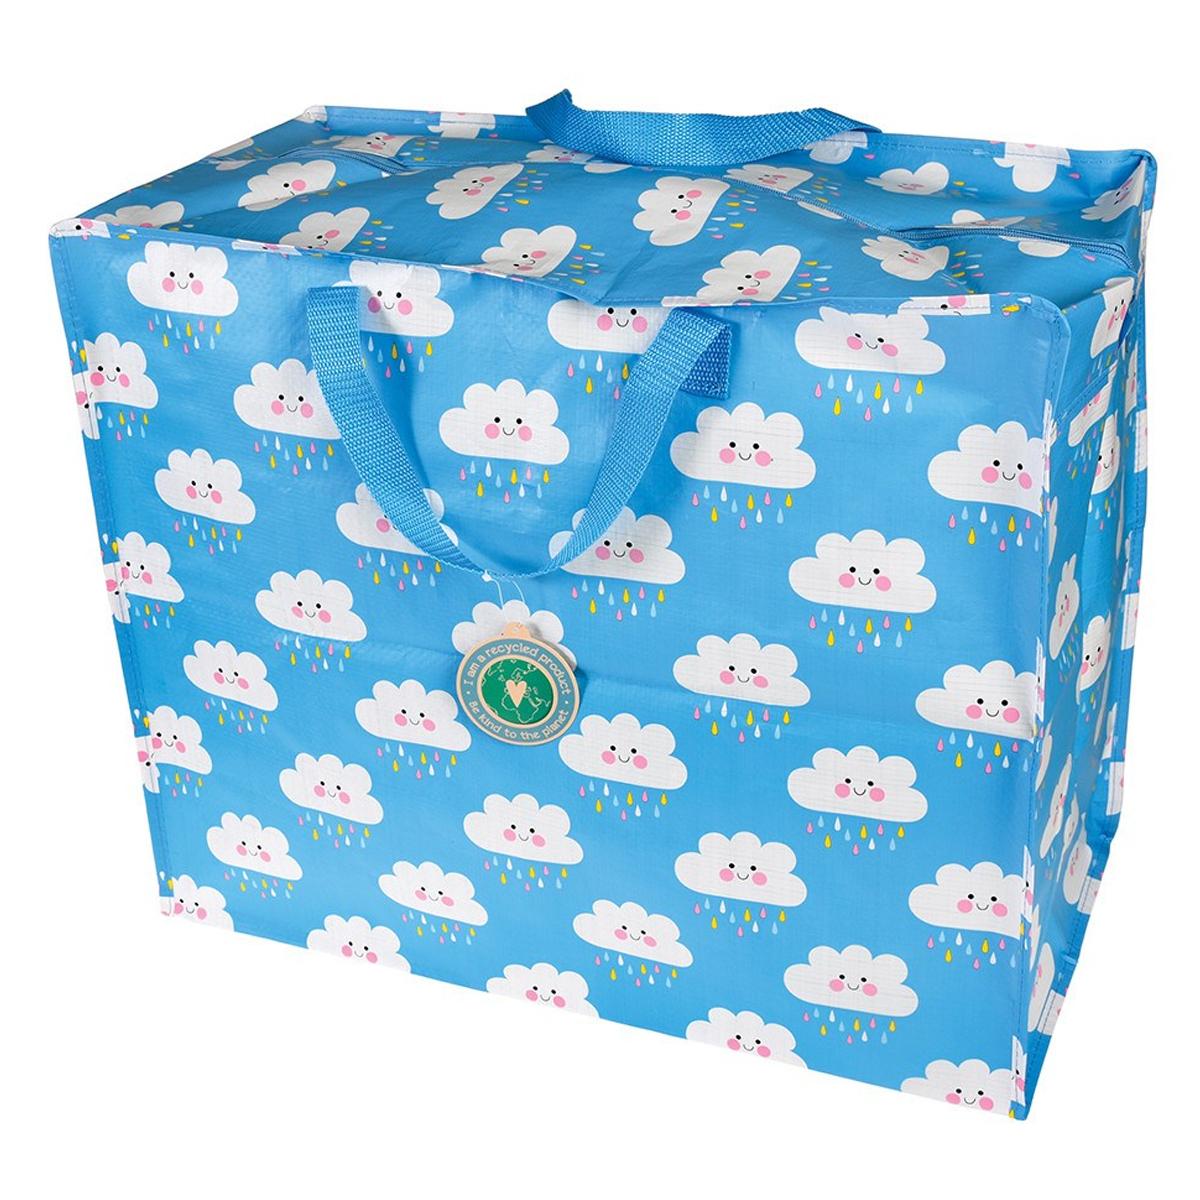 Rangement jouet Sac de Rangement Jumbo - Happy Cloud Sac de Rangement Jumbo - Happy Cloud